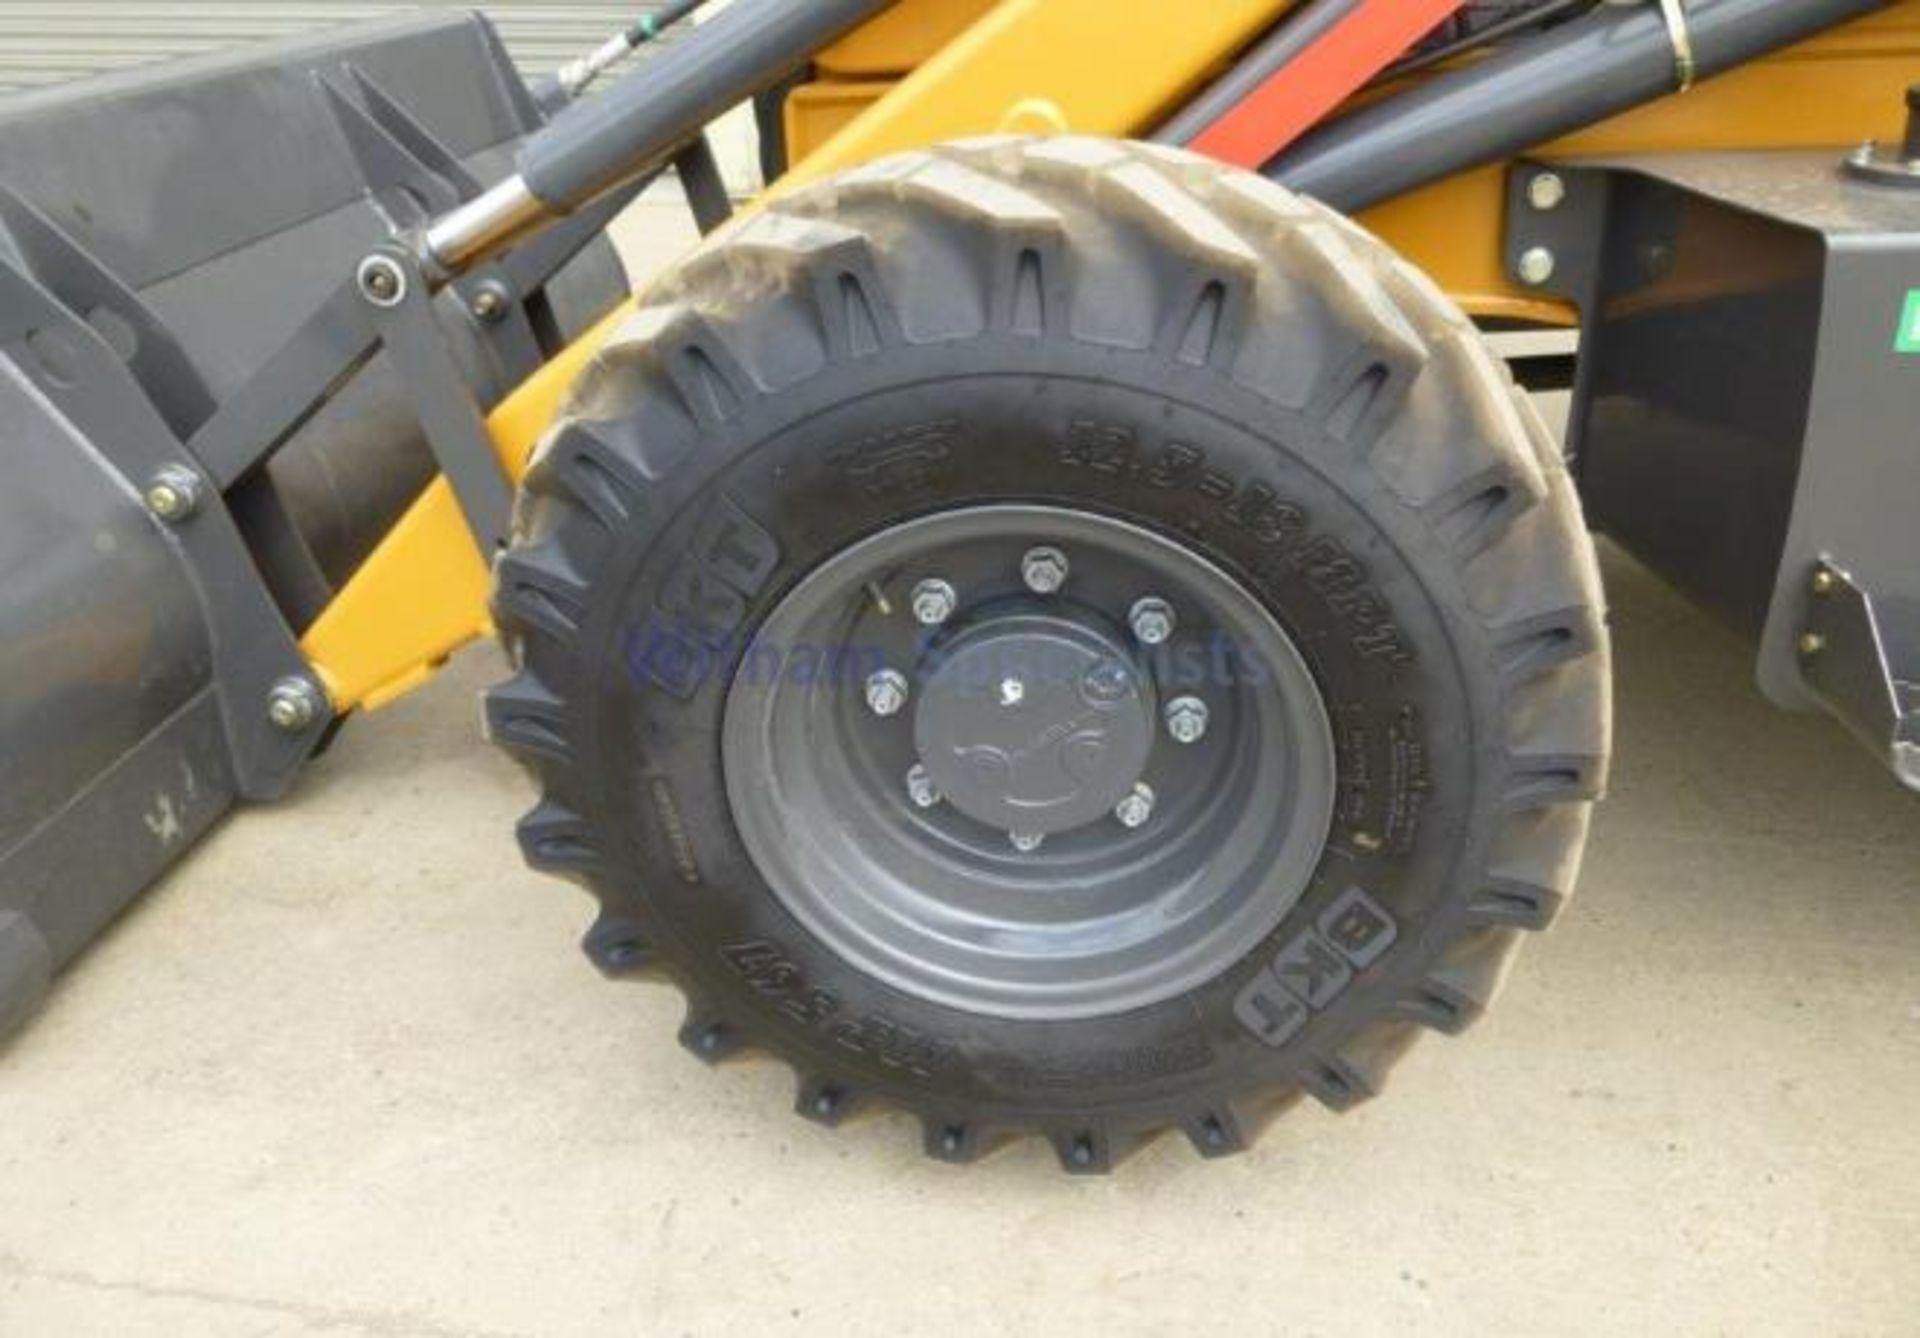 Lot 32 - UNUSED Case 770 EX Magnum Backhoe Excavator